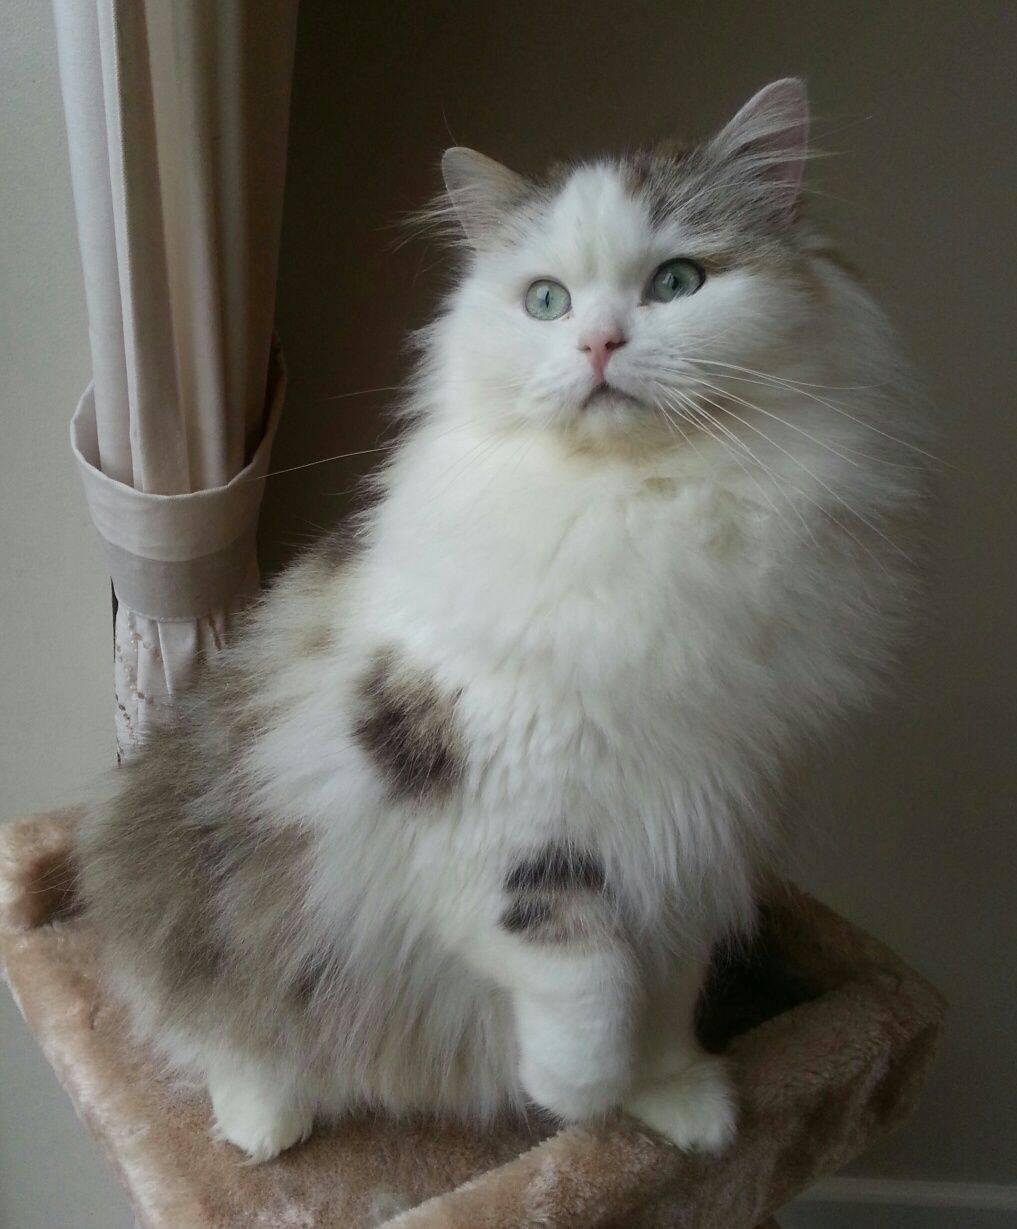 Рагамаффин: подробное описание породы кошек с фото и видео